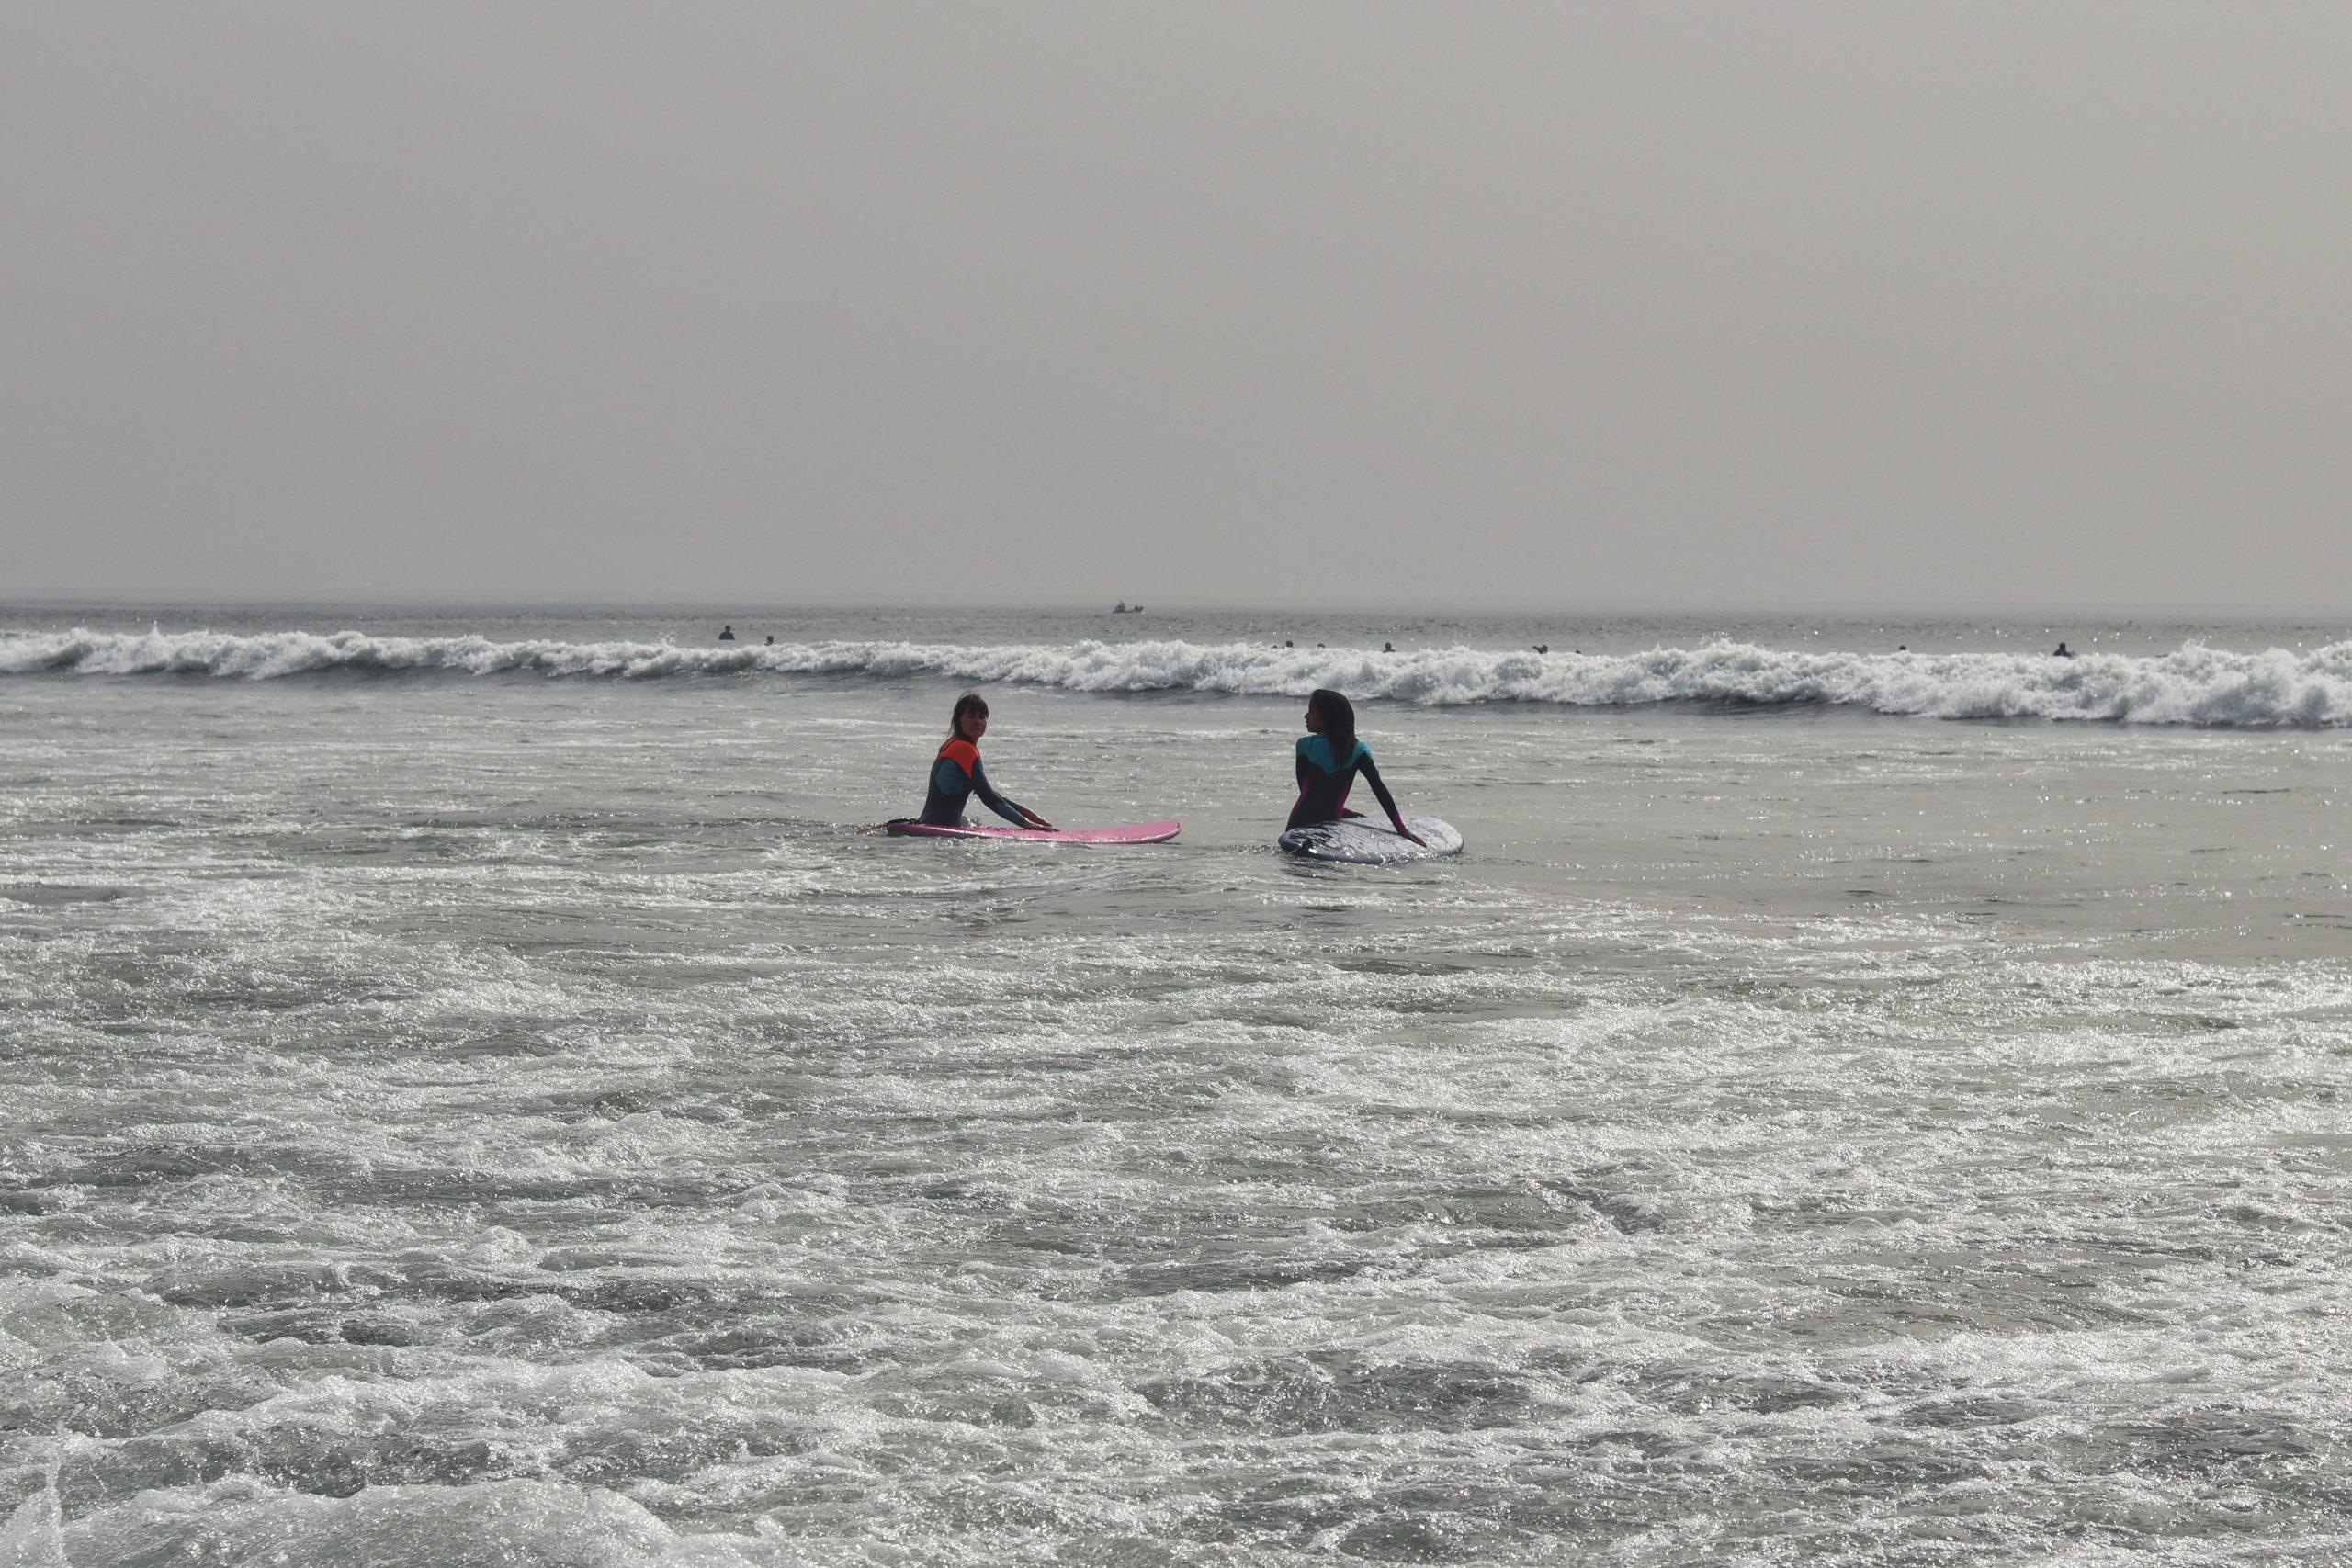 A Surf Church oferece um primeiro contacto com o surf gratuito a quem se juntar